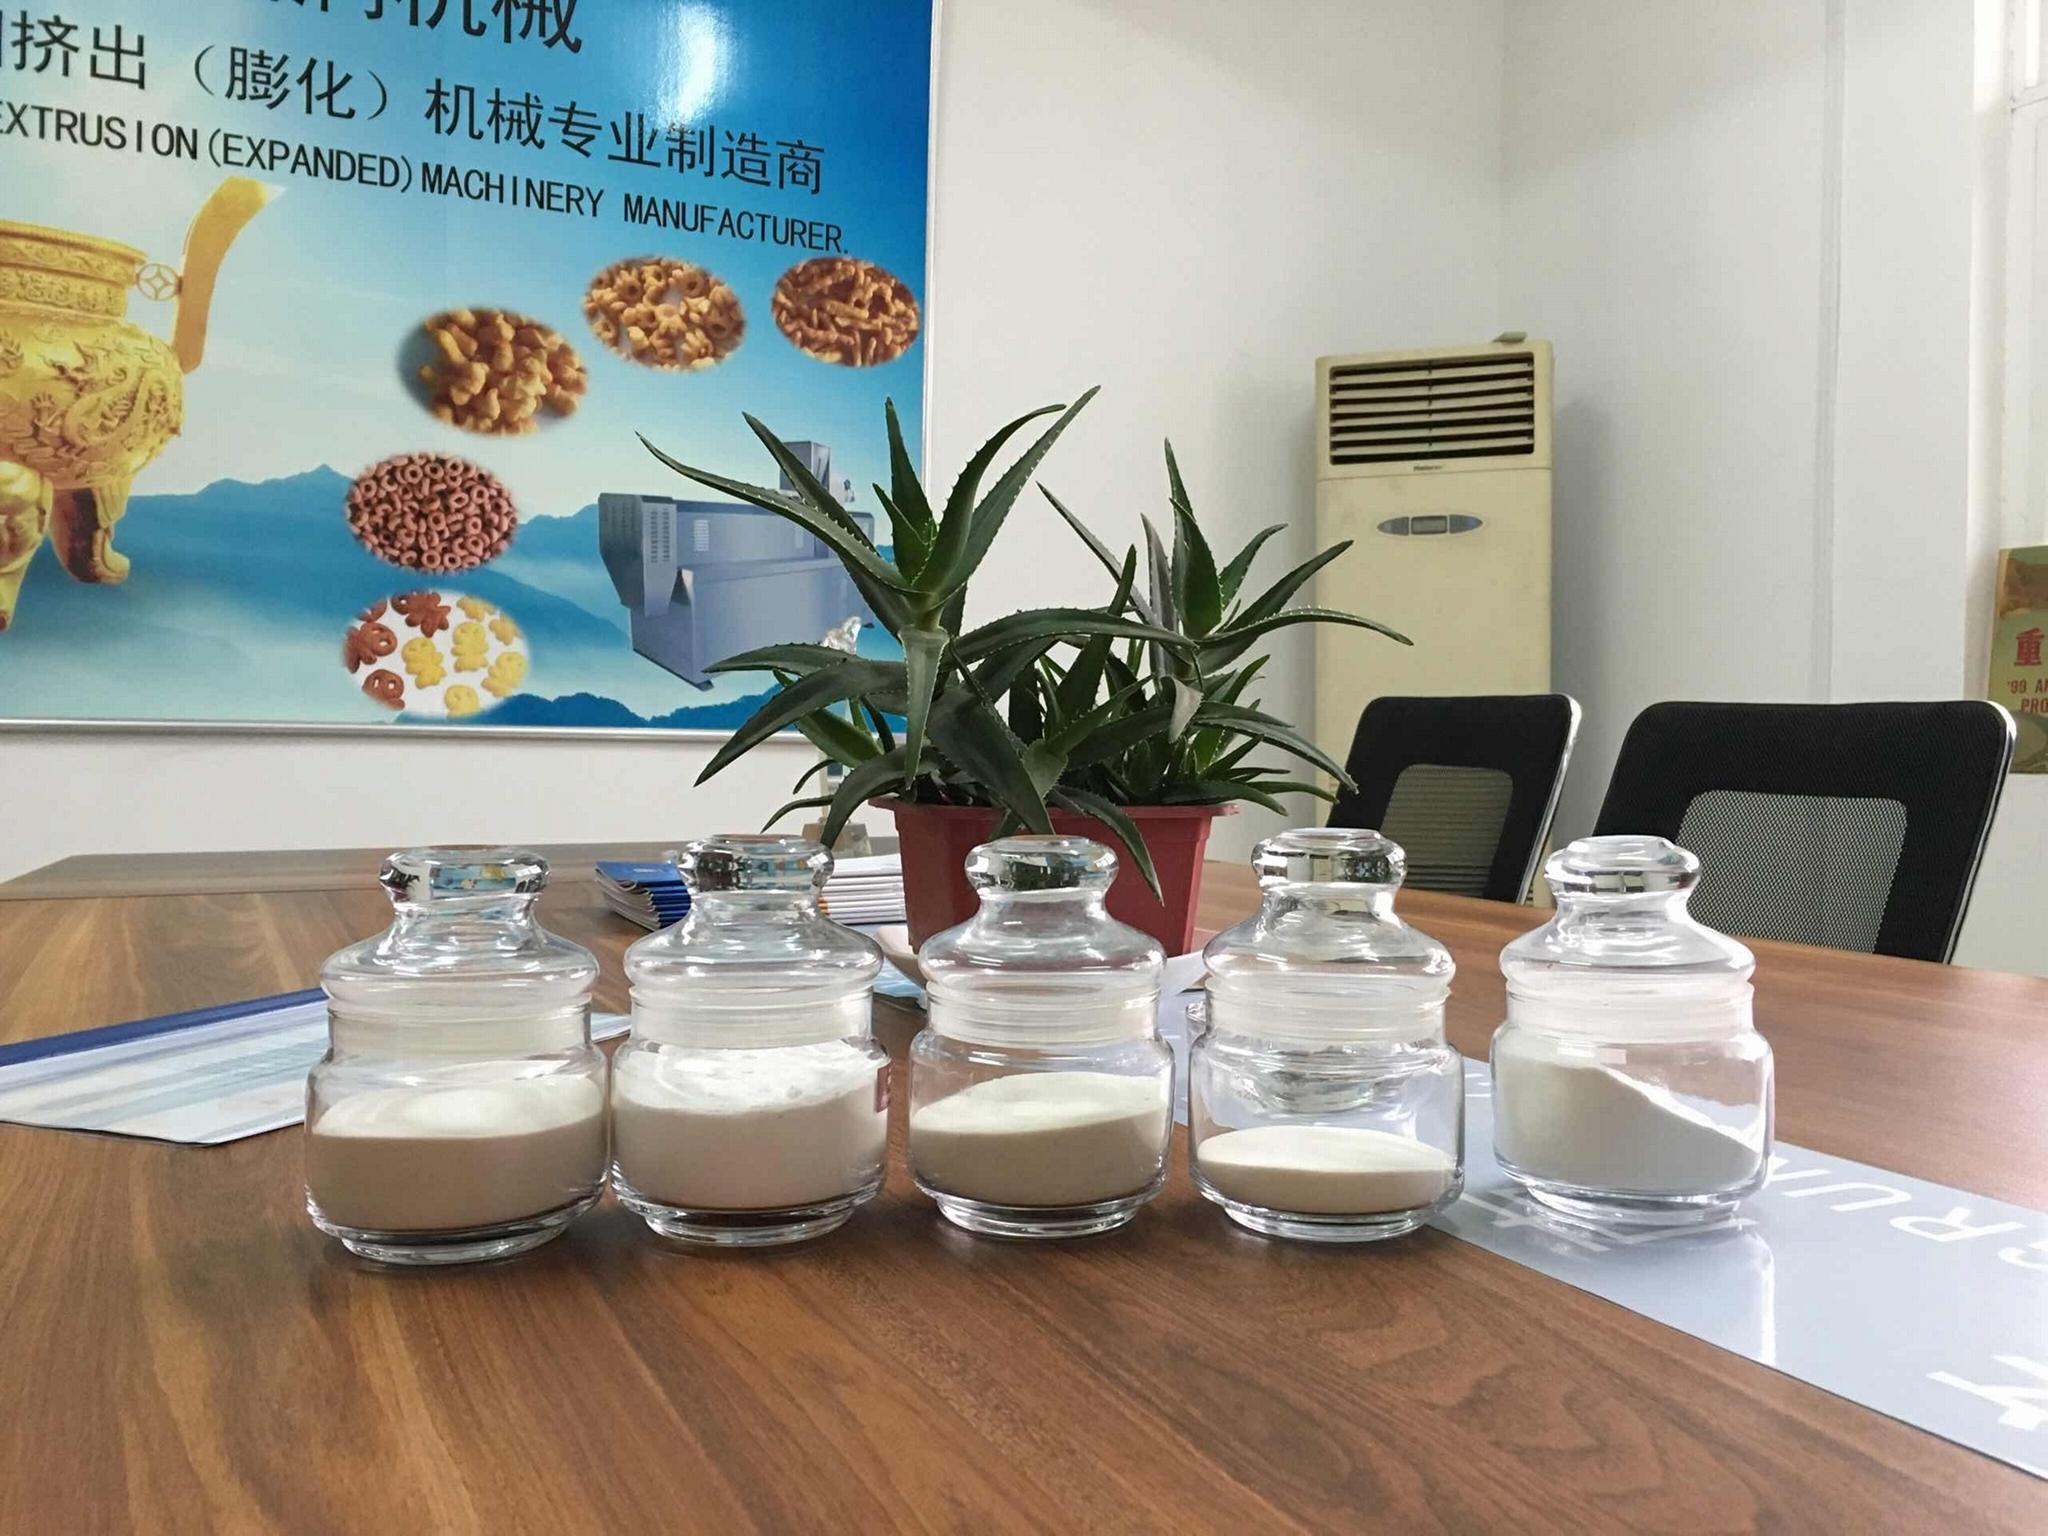 預糊化澱粉生產設備 3